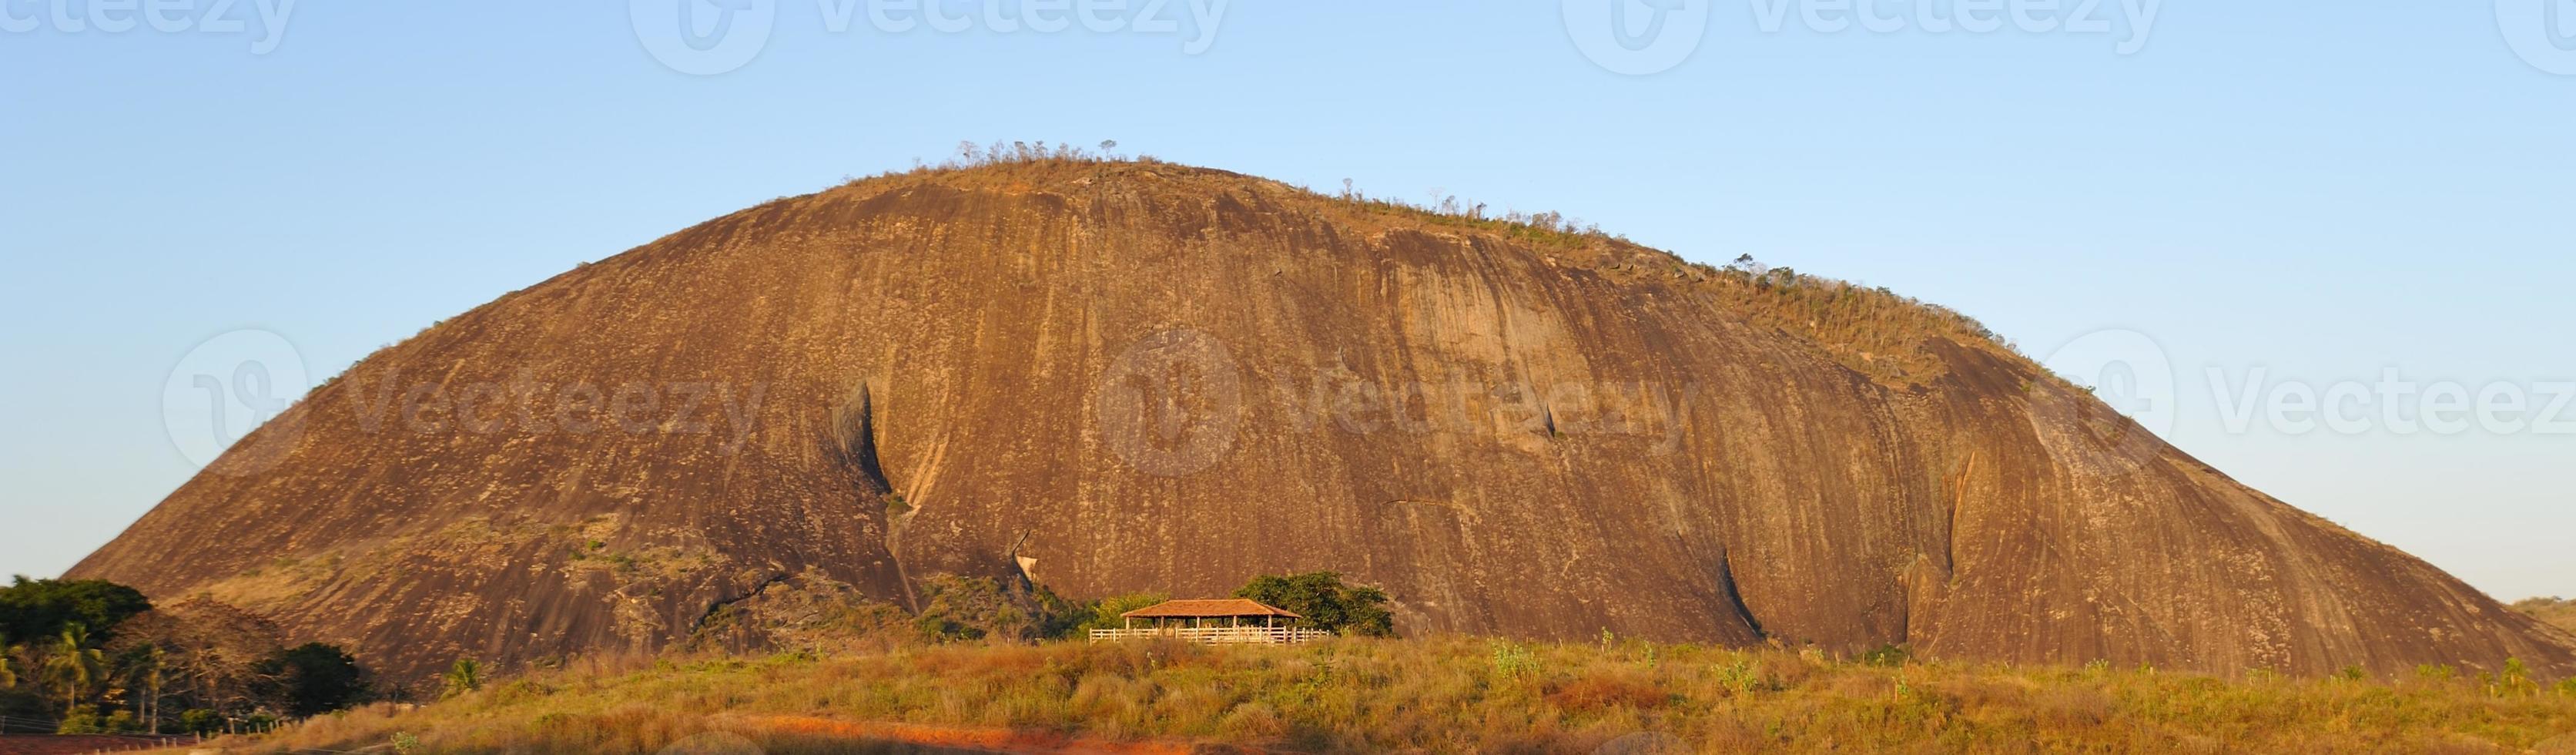 rocha no rio rio doce no brasil foto